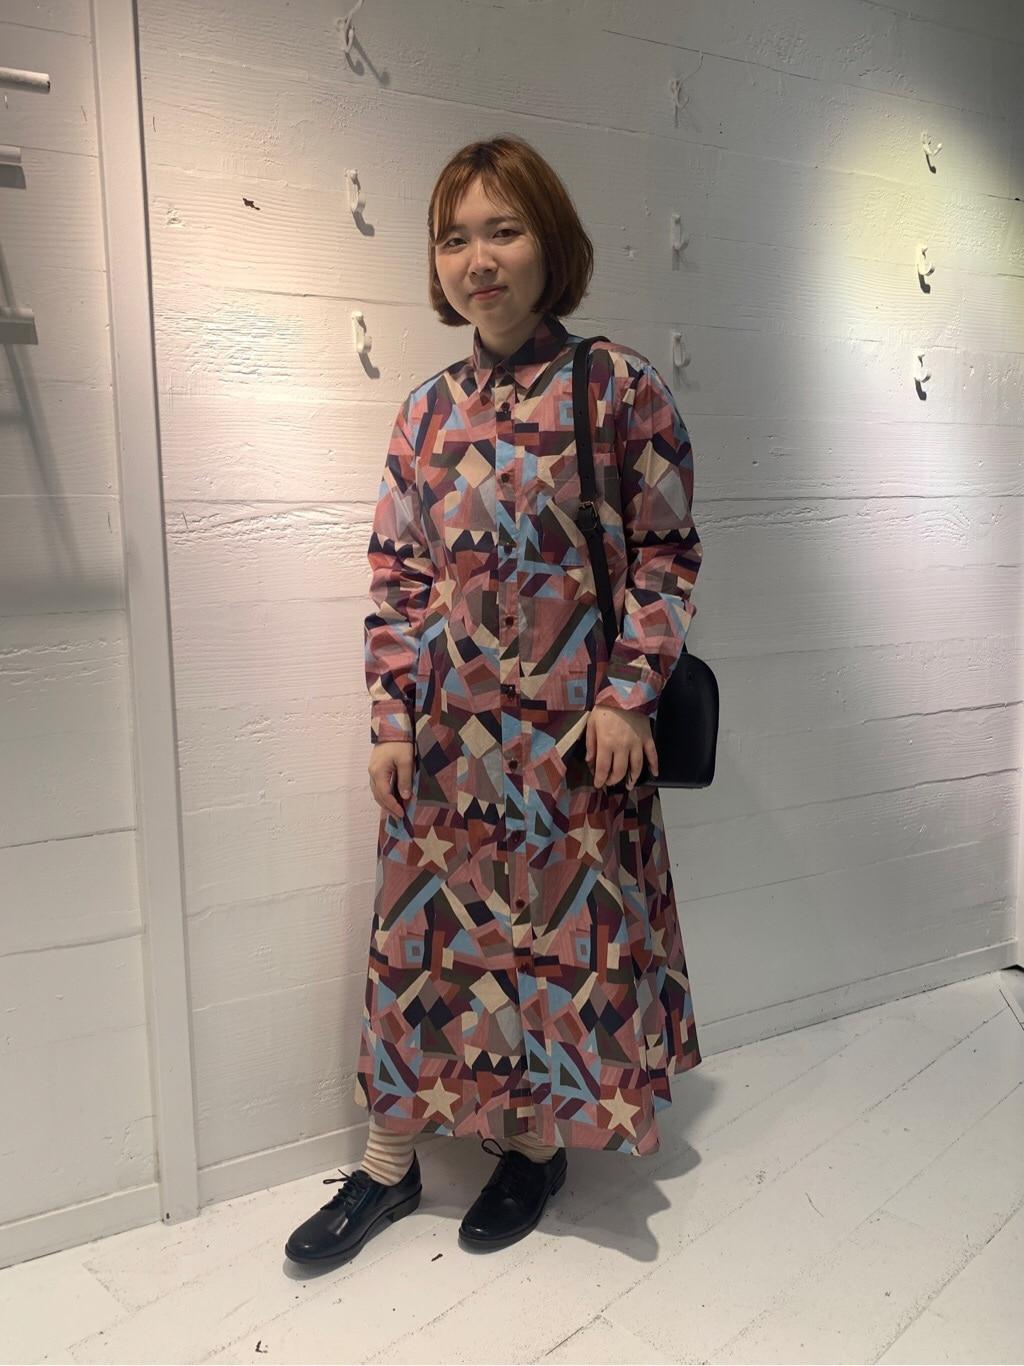 l'atelier du savon ラフォーレ原宿 身長:154cm 2020.04.20